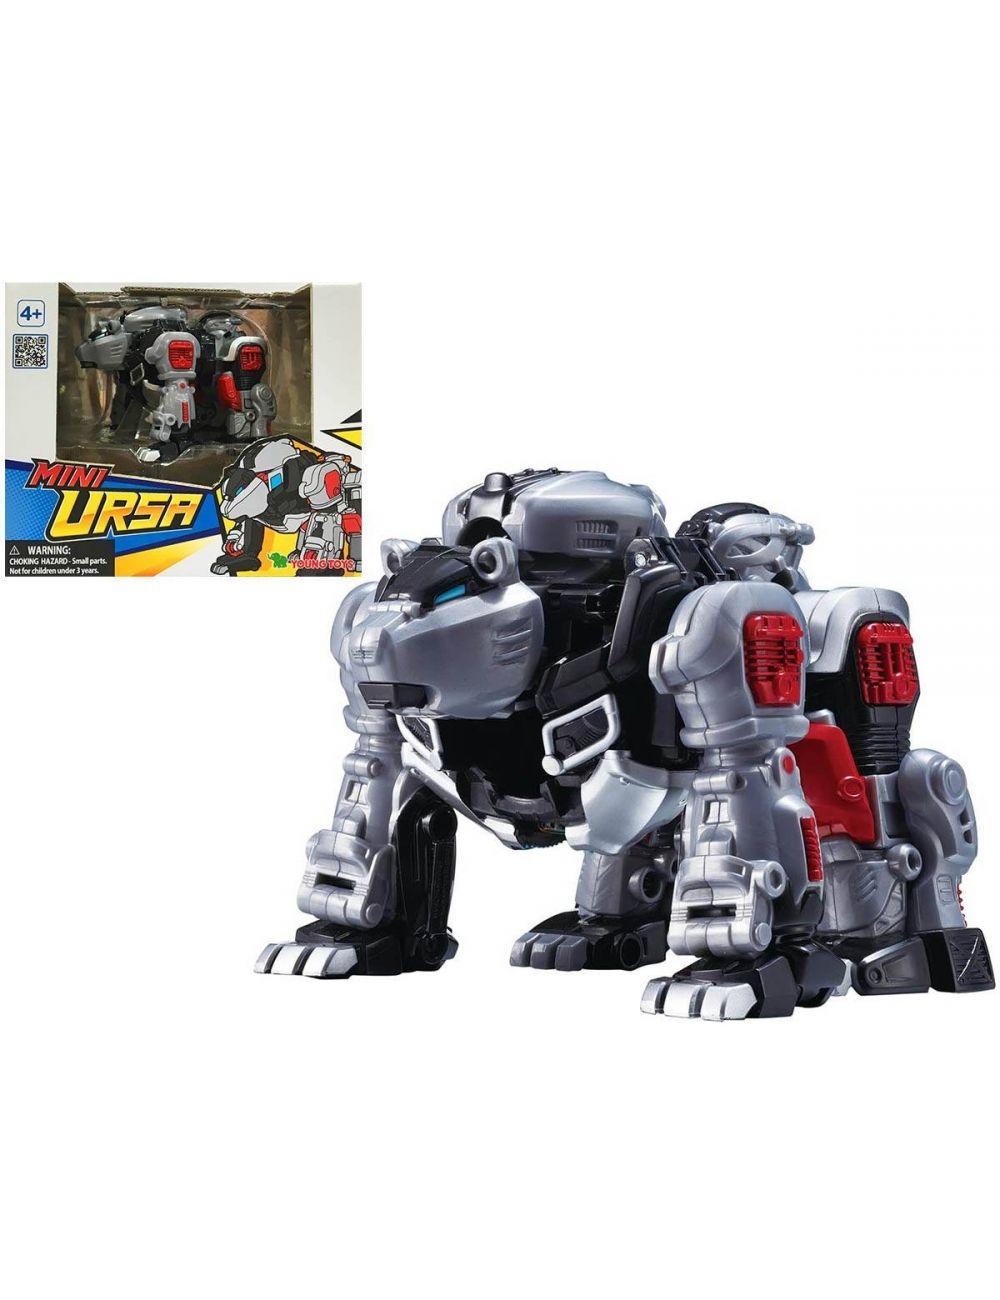 Metalions Mini Ursa Robot transformer figurka 314040